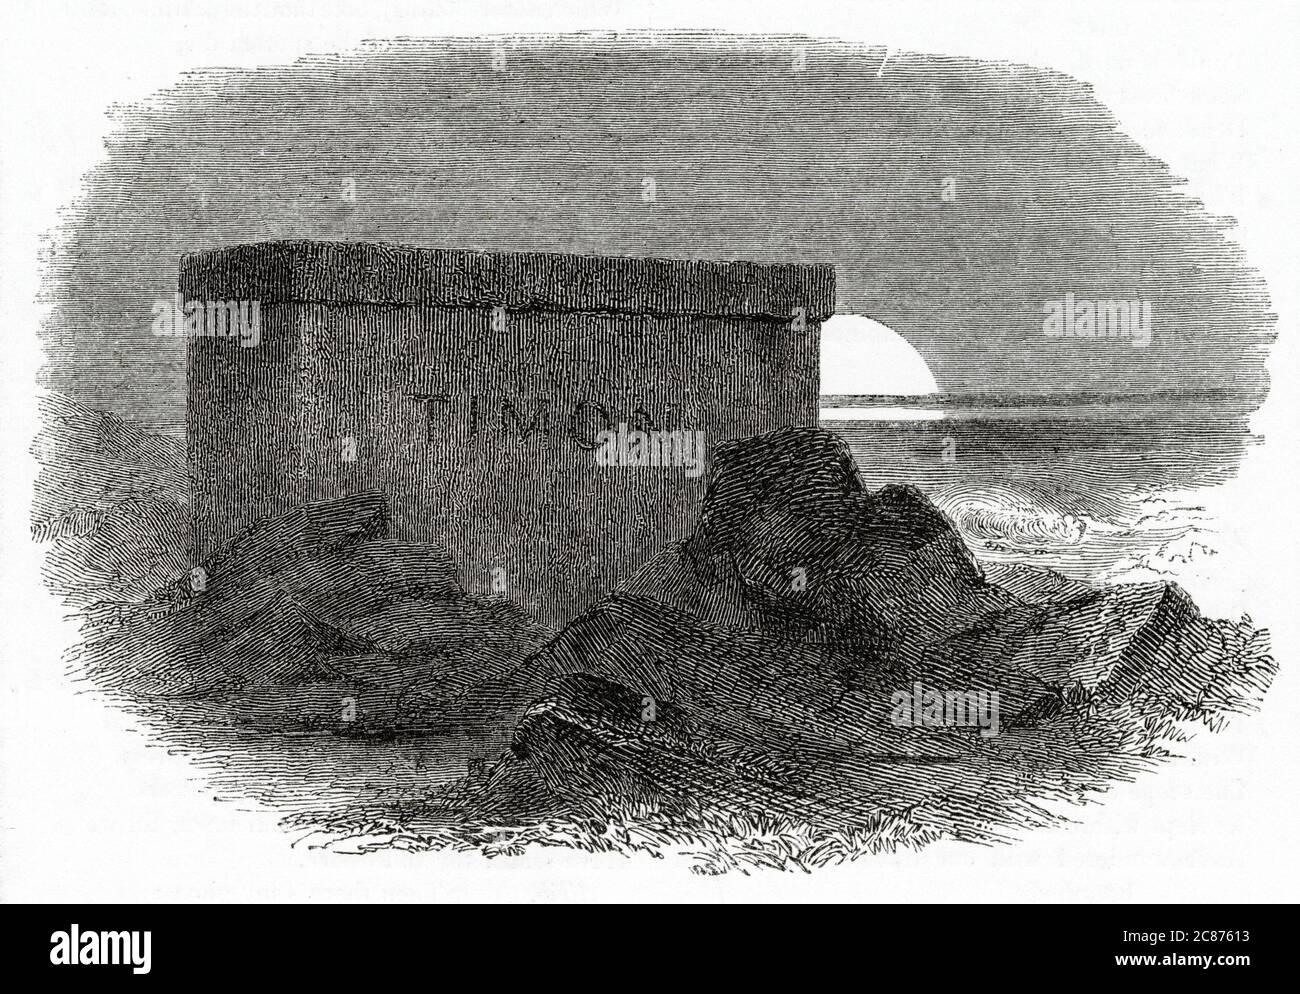 Illustration de Kenny Meadows à Timon d'Athènes, par William Shakespeare. Conception de la pièce finale, montrant la tombe de Timon. Date: 1840 Banque D'Images